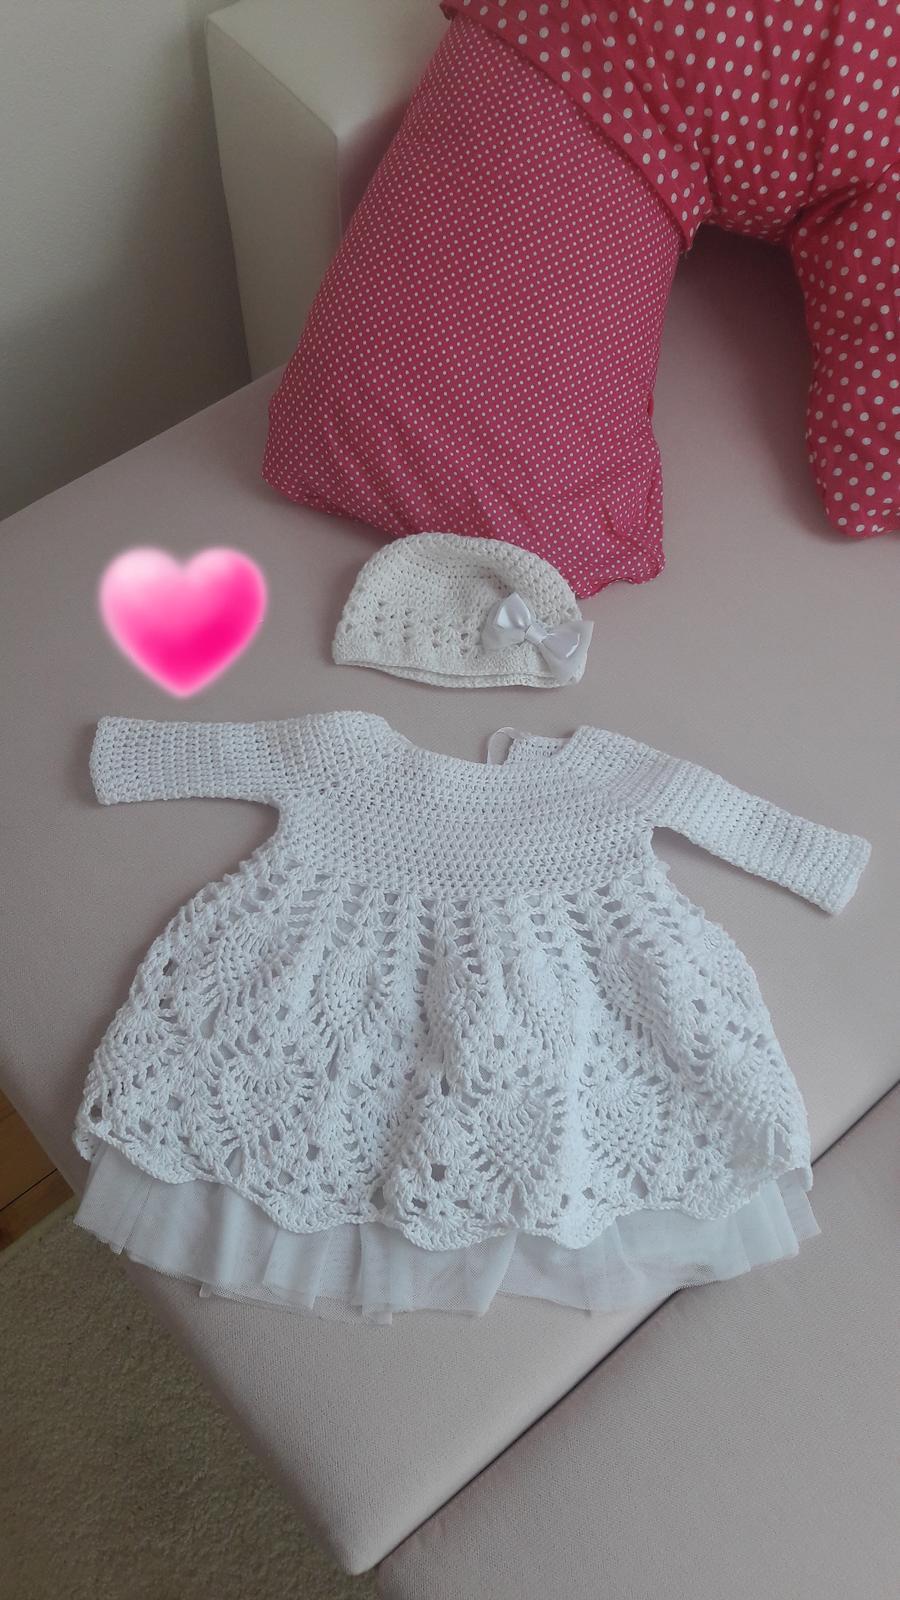 luxusné šaty pre bábätko - Obrázok č. 1